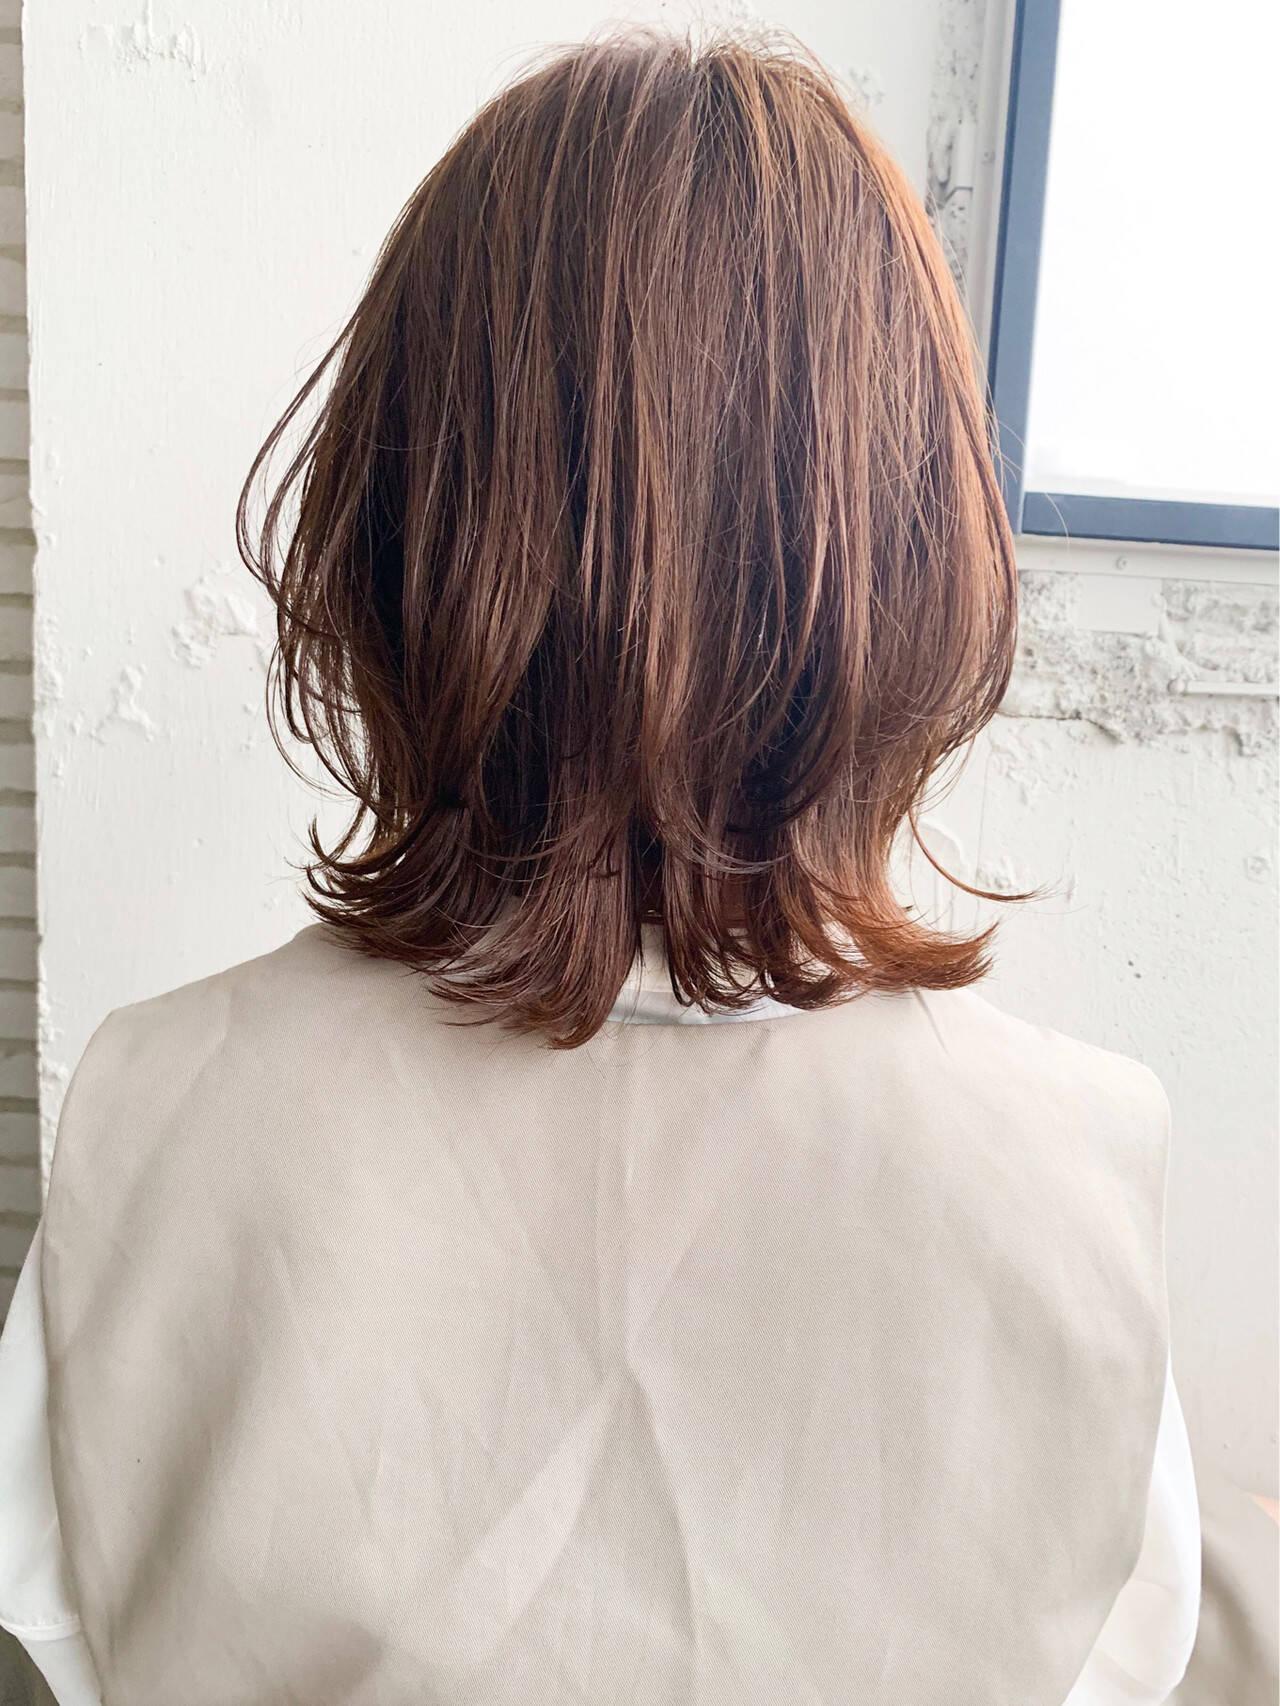 ウルフカット ナチュラル ミディアム 大人ミディアムヘアスタイルや髪型の写真・画像